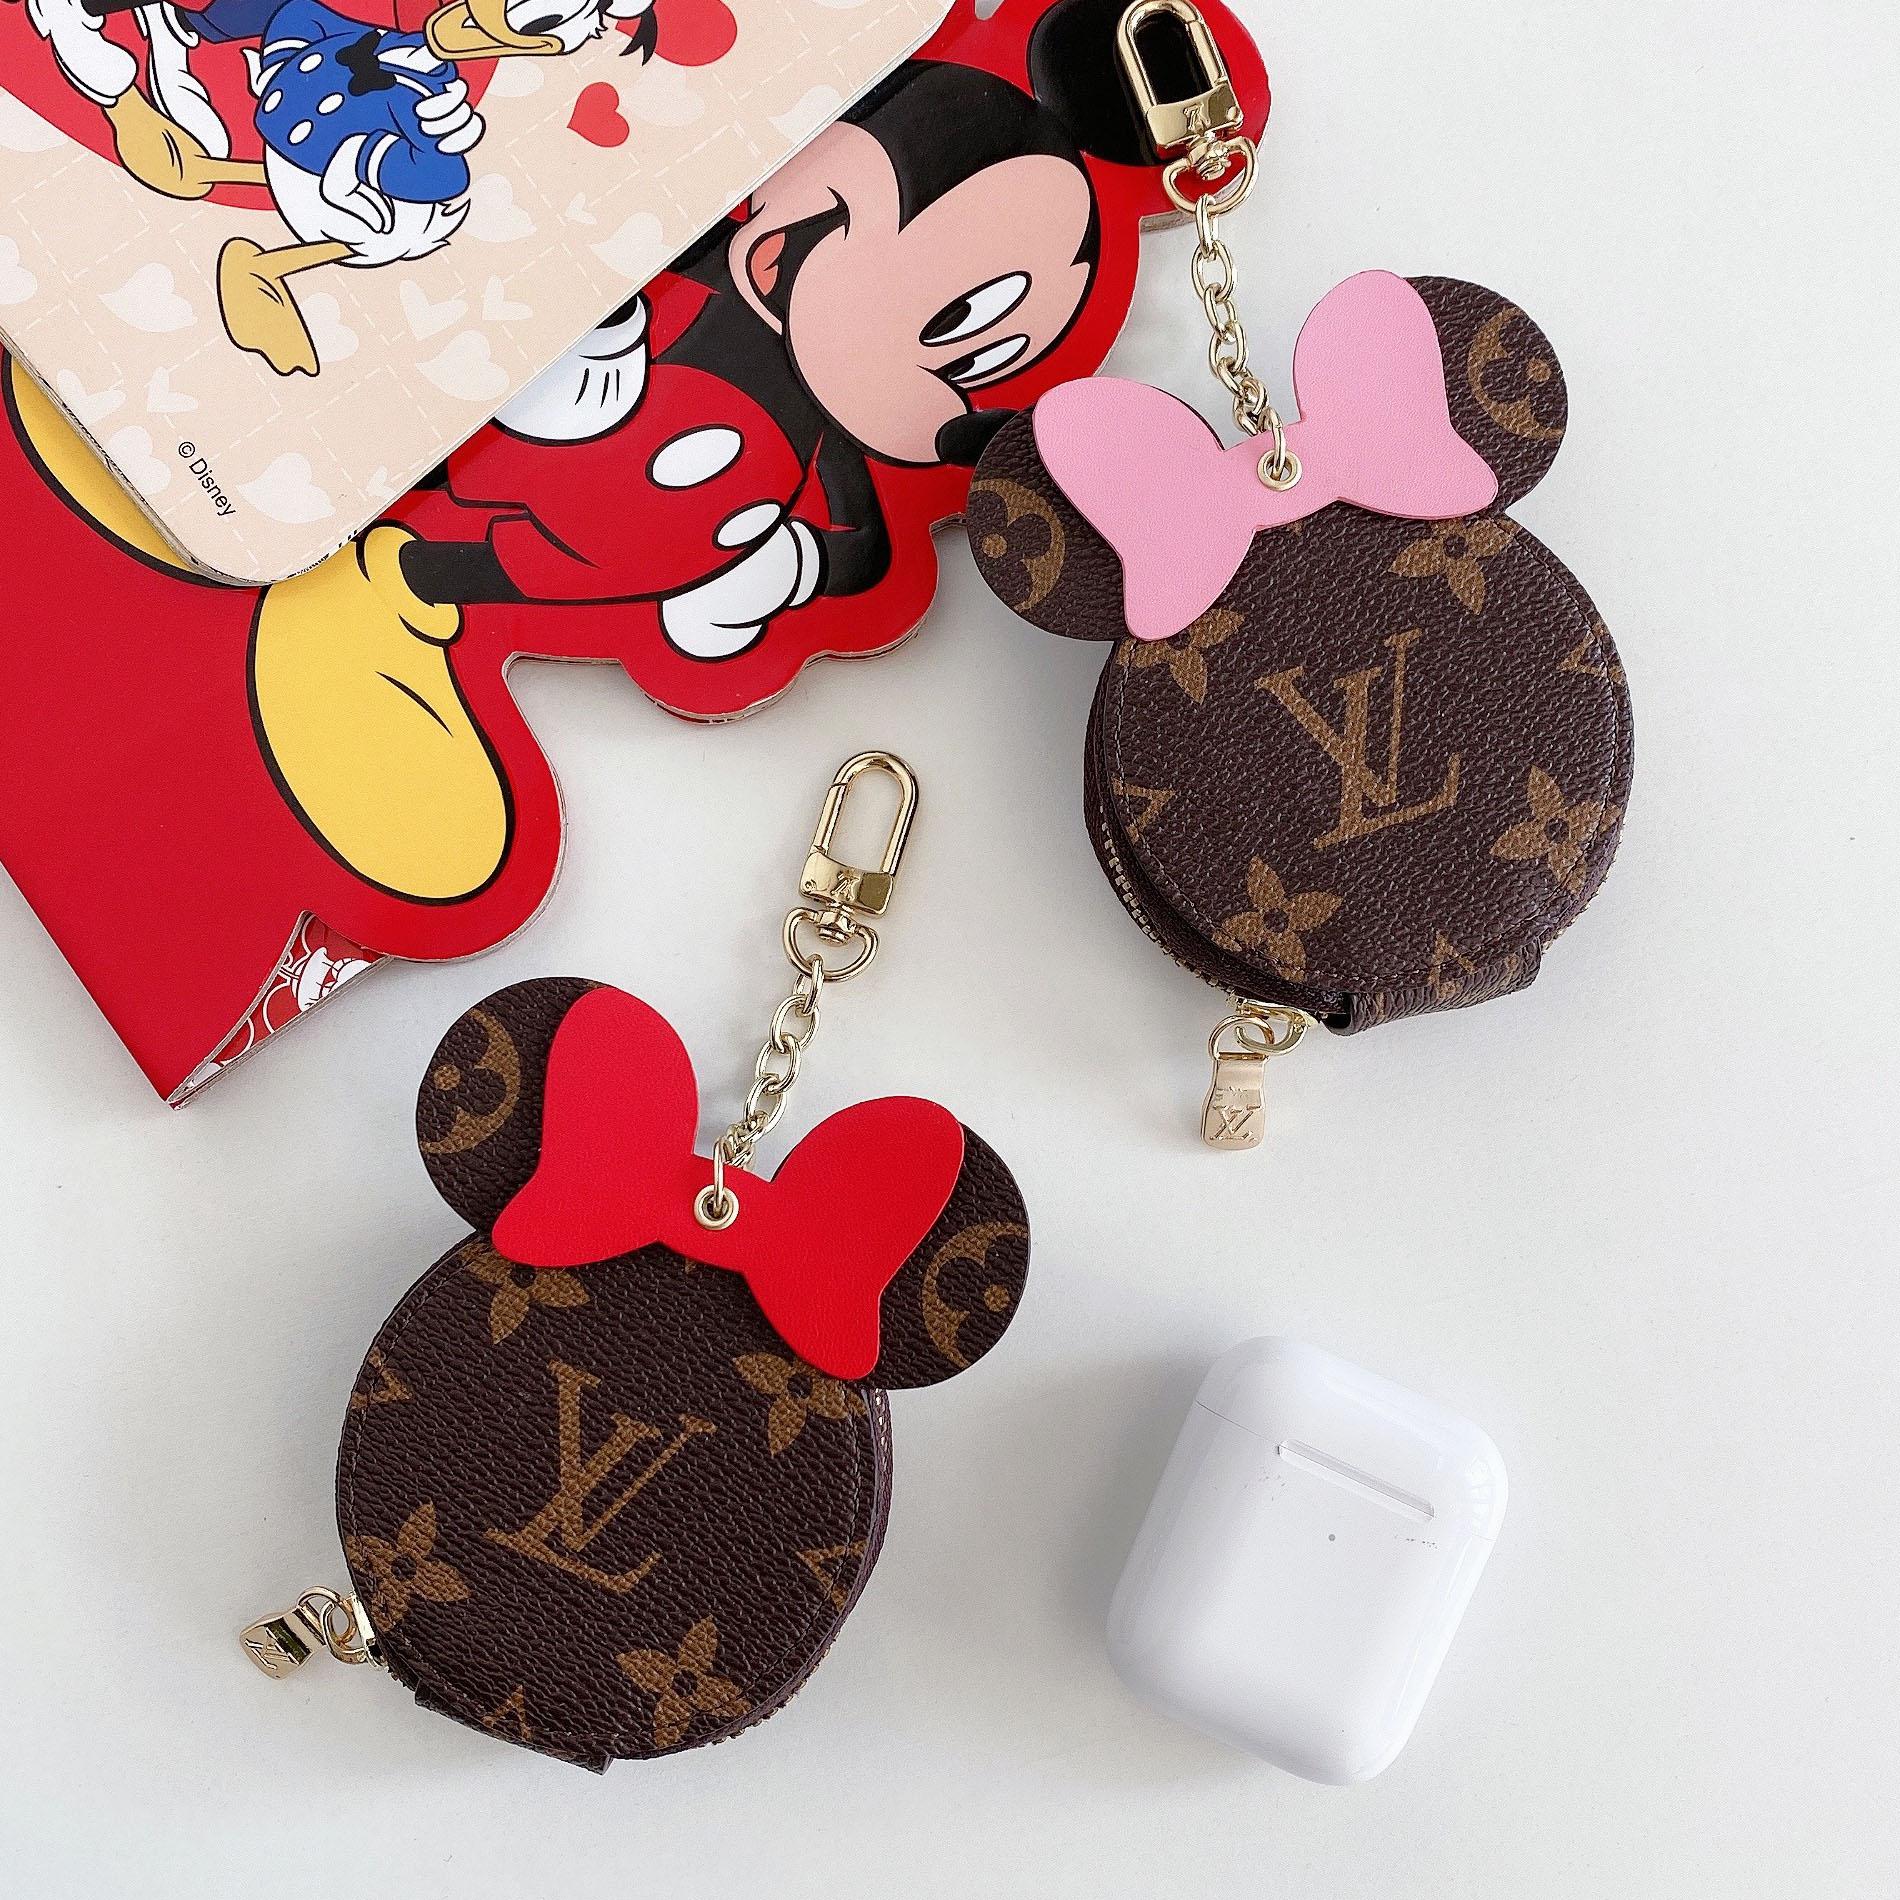 Lv Vỏ Bảo Vệ Hộp Sạc Tai Nghe Airpods 1 / 2 / Pro Bằng Da Pu Hình Mickey Minnie Kèm Móc Khóa